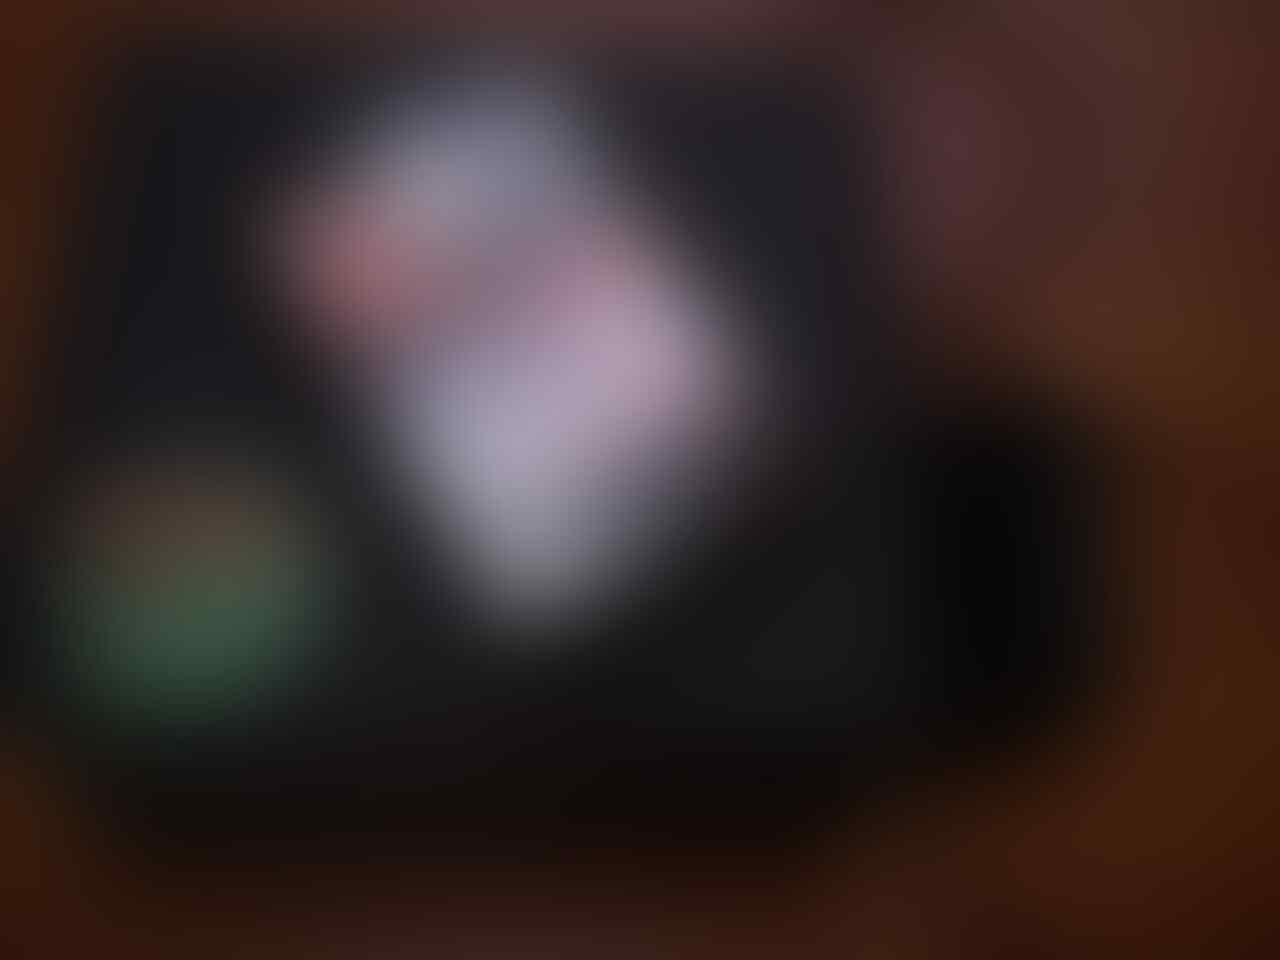 Blackberry 9550 aka odin